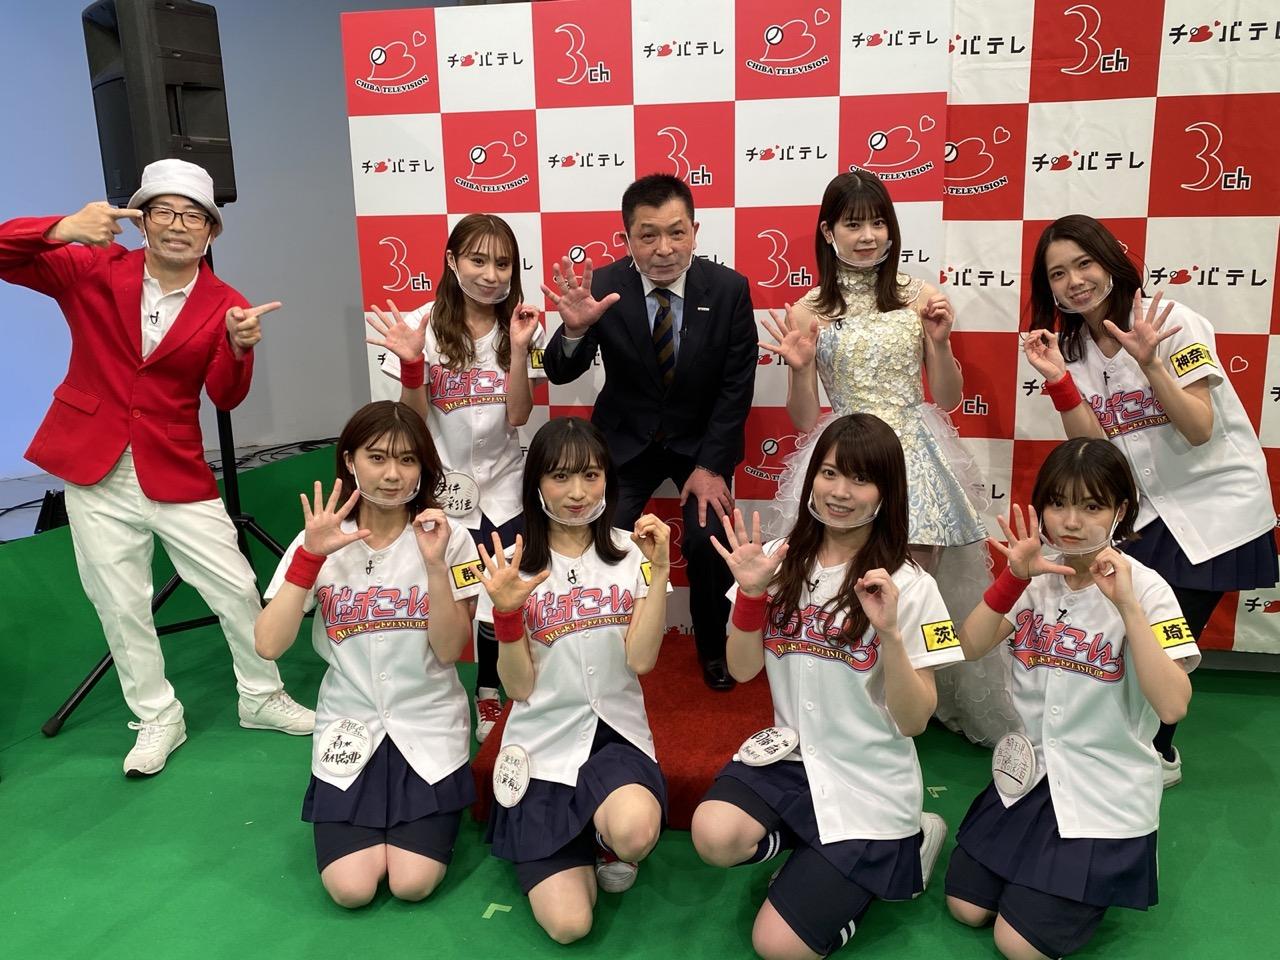 「AKB48チーム8のKANTO白書 バッチこーい!」#86:チバテレ開局50周年をお祝い!【チバテレ】